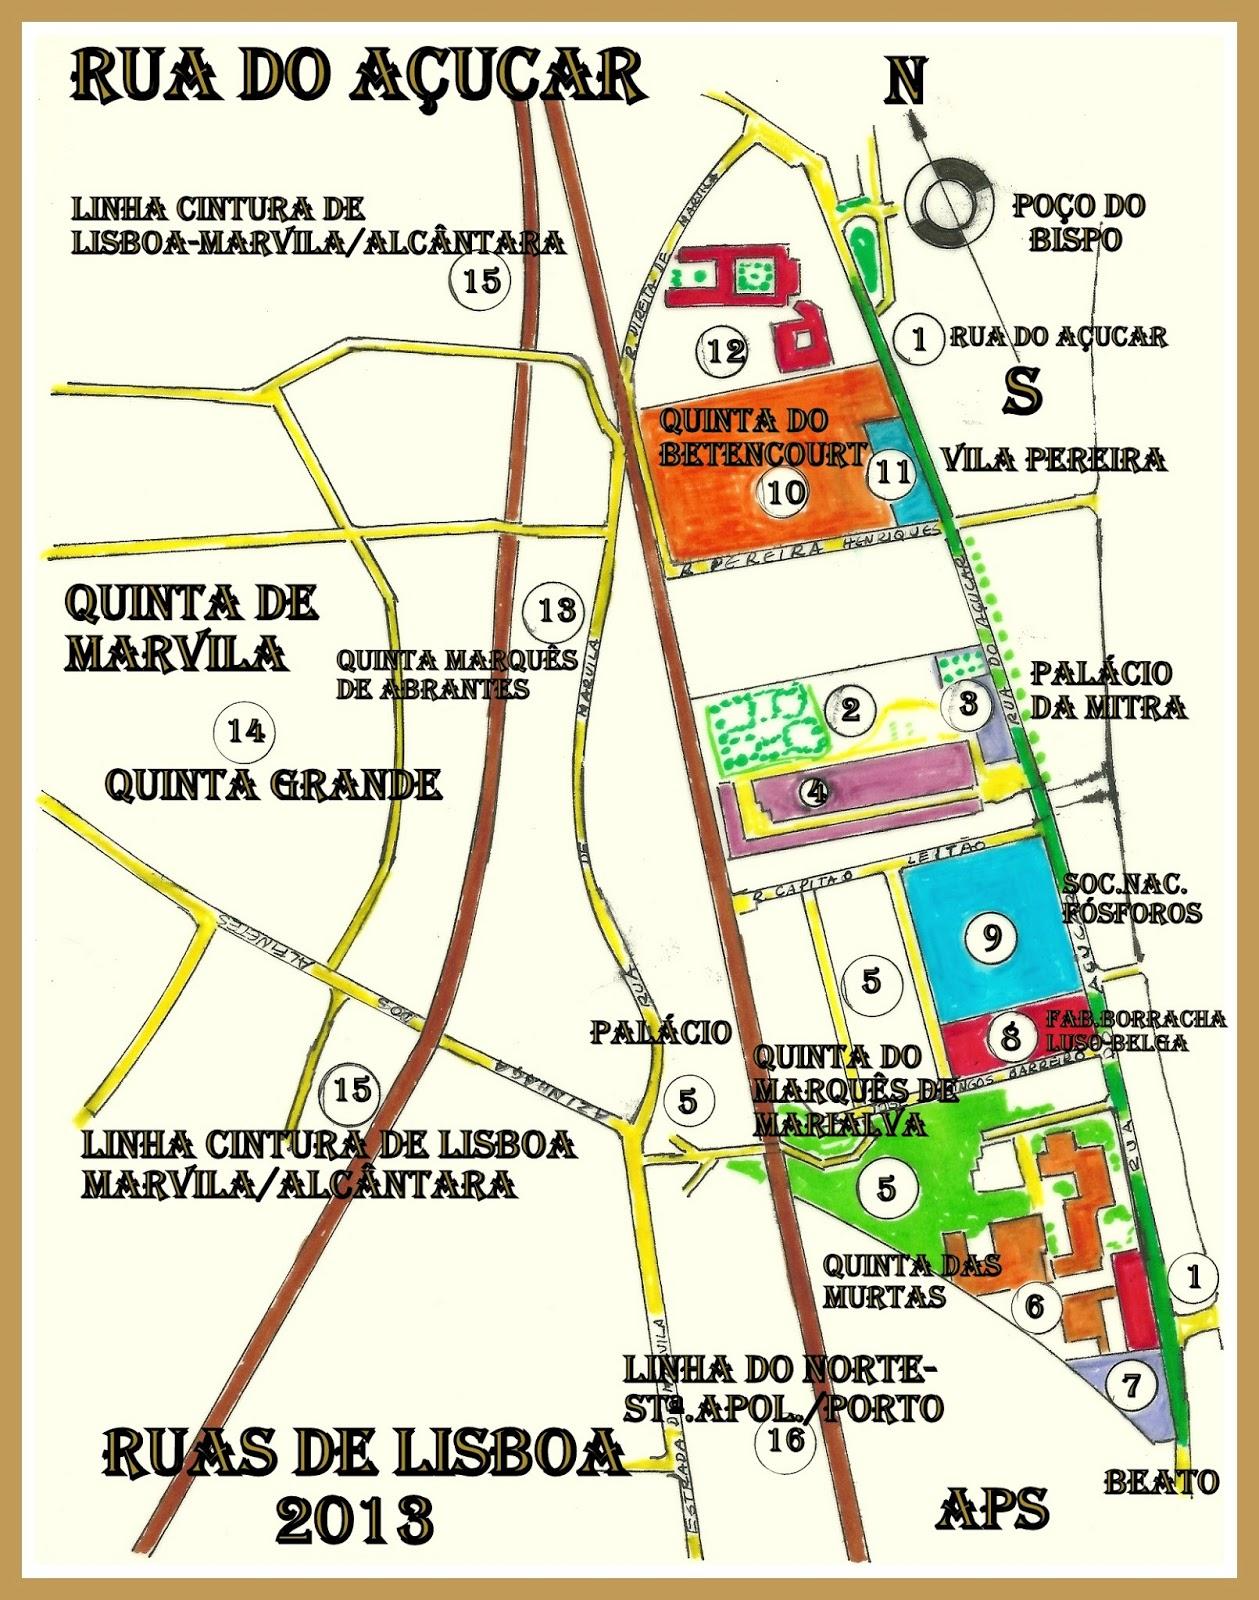 rua do açucar lisboa mapa RUAS DE LISBOA ALGUMA HISTÓRIA: RUA DO AÇÚCAR [ I ] rua do açucar lisboa mapa